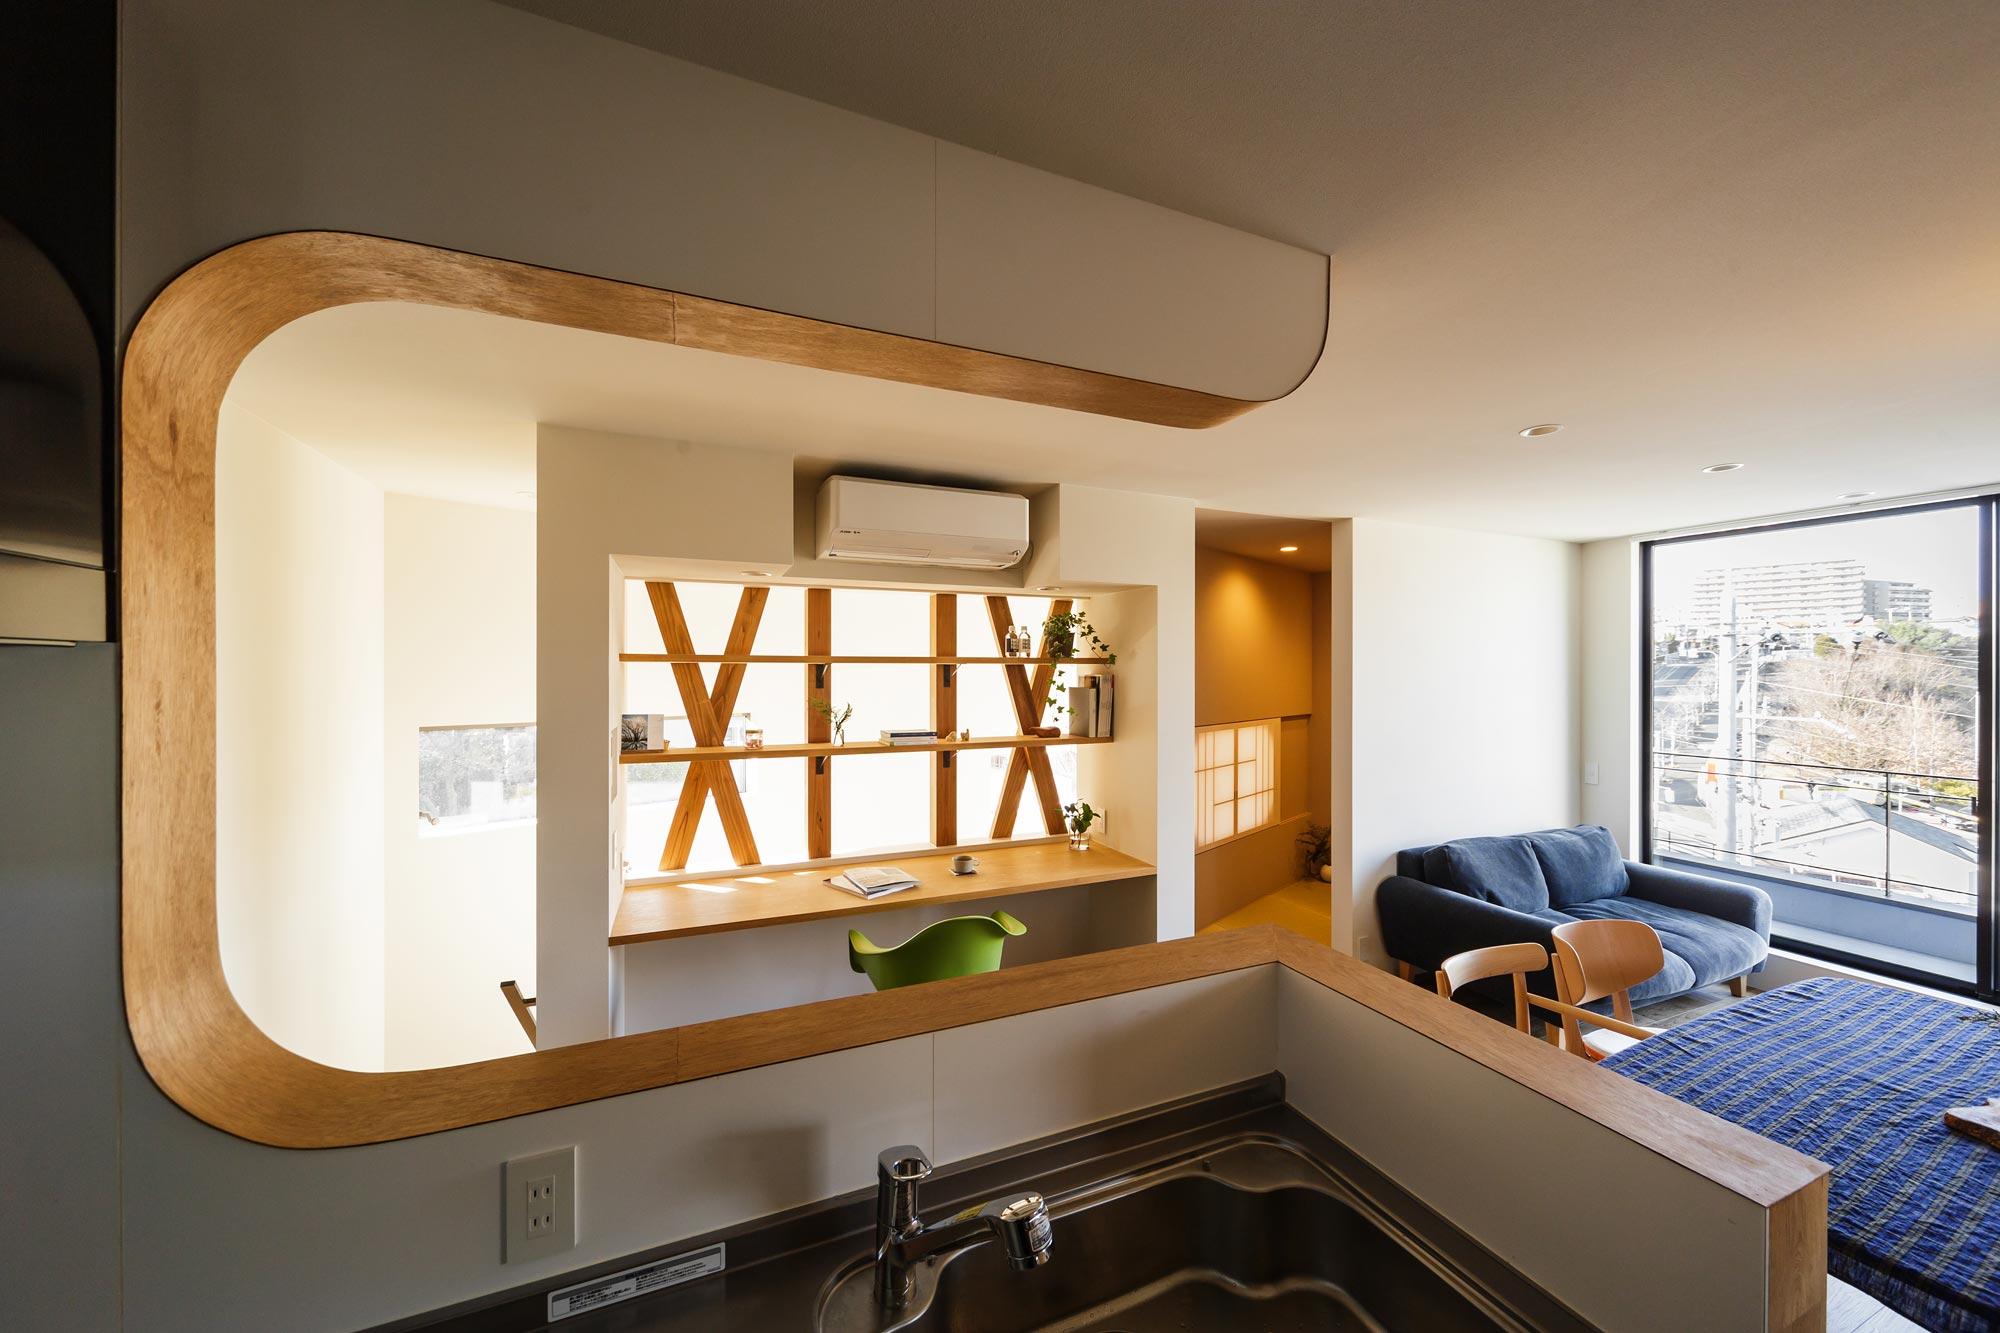 キッチンから書斎・吹き抜け方面をみる: LDKや階下まで、つねに家族の気配を感じながら家事をすることができるキッチンの配置です